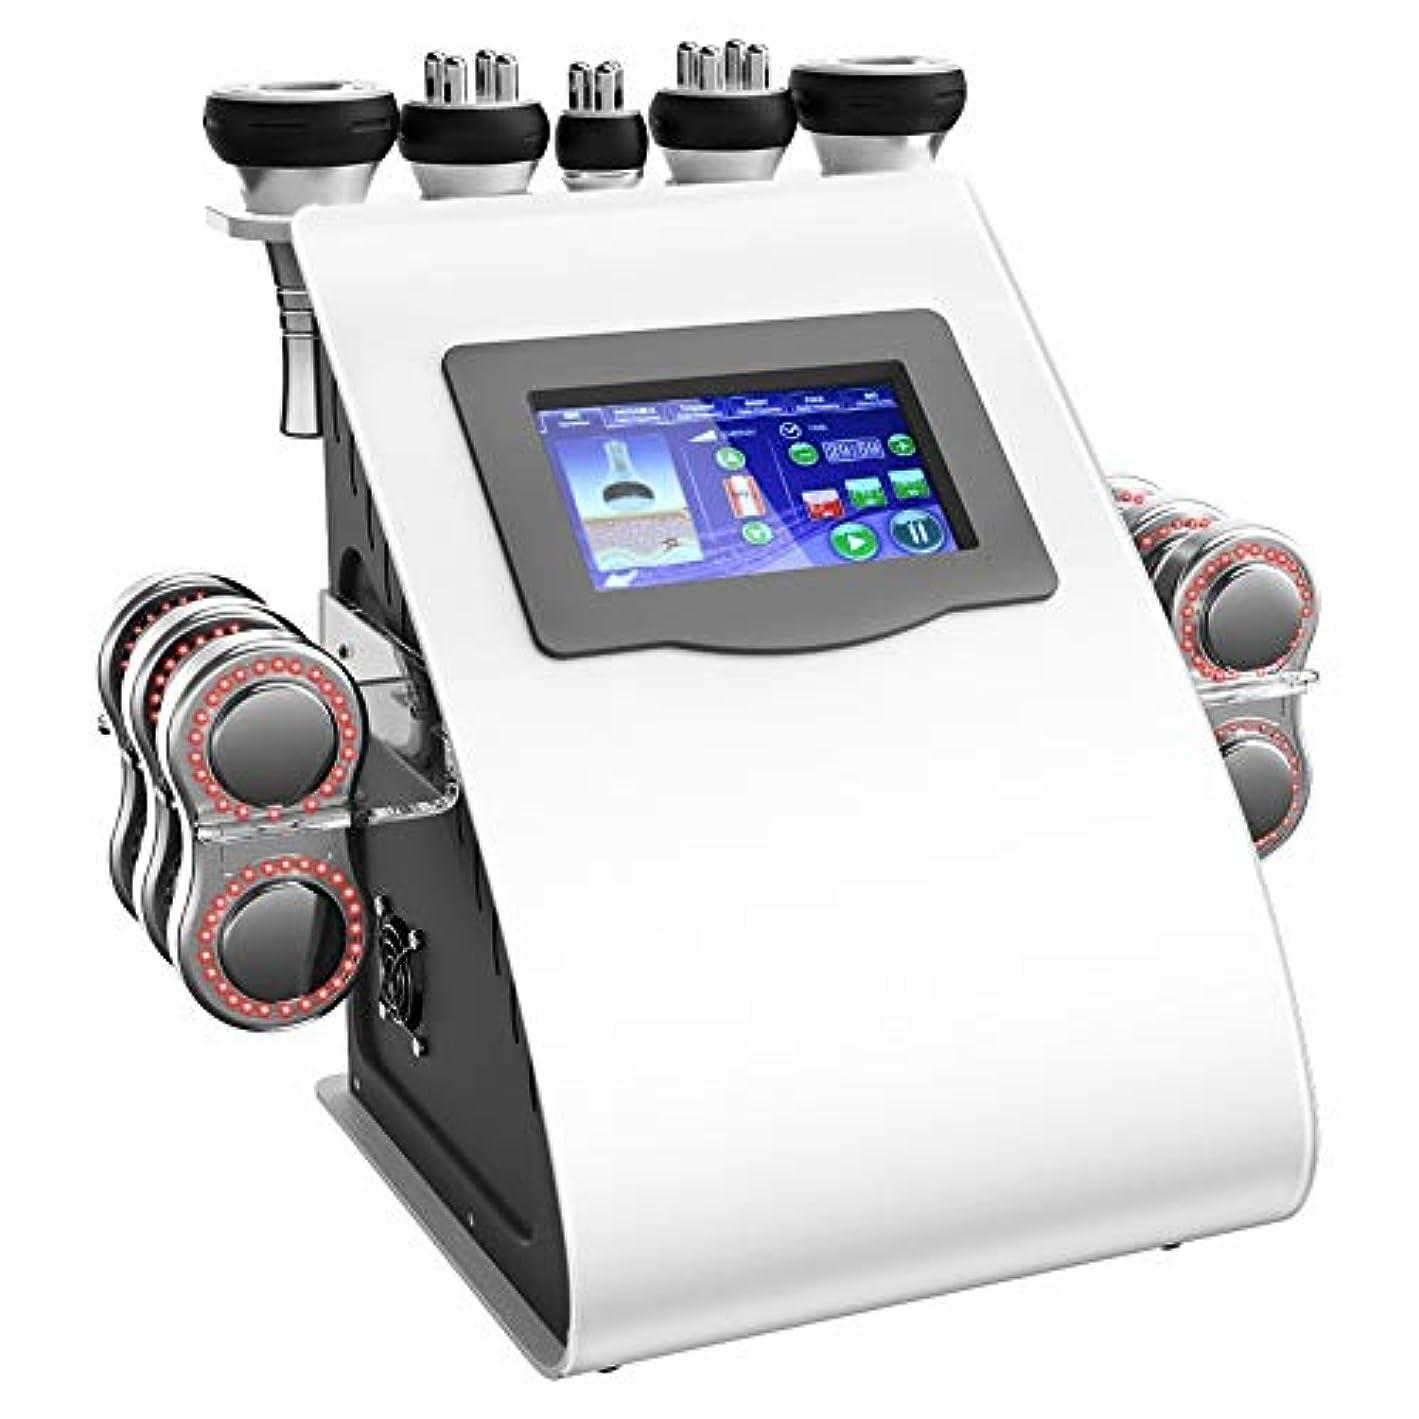 栄光のデザートコンチネンタル5-in-1振動ボディ整形マッサージ機、40Kフルボディーロスロスマッサージャー多極ブラスト脂肪計器フェイシャルスキンリフティングタイトング美容機(5マッサージヘッド)CE、FDA承認(110?240V)